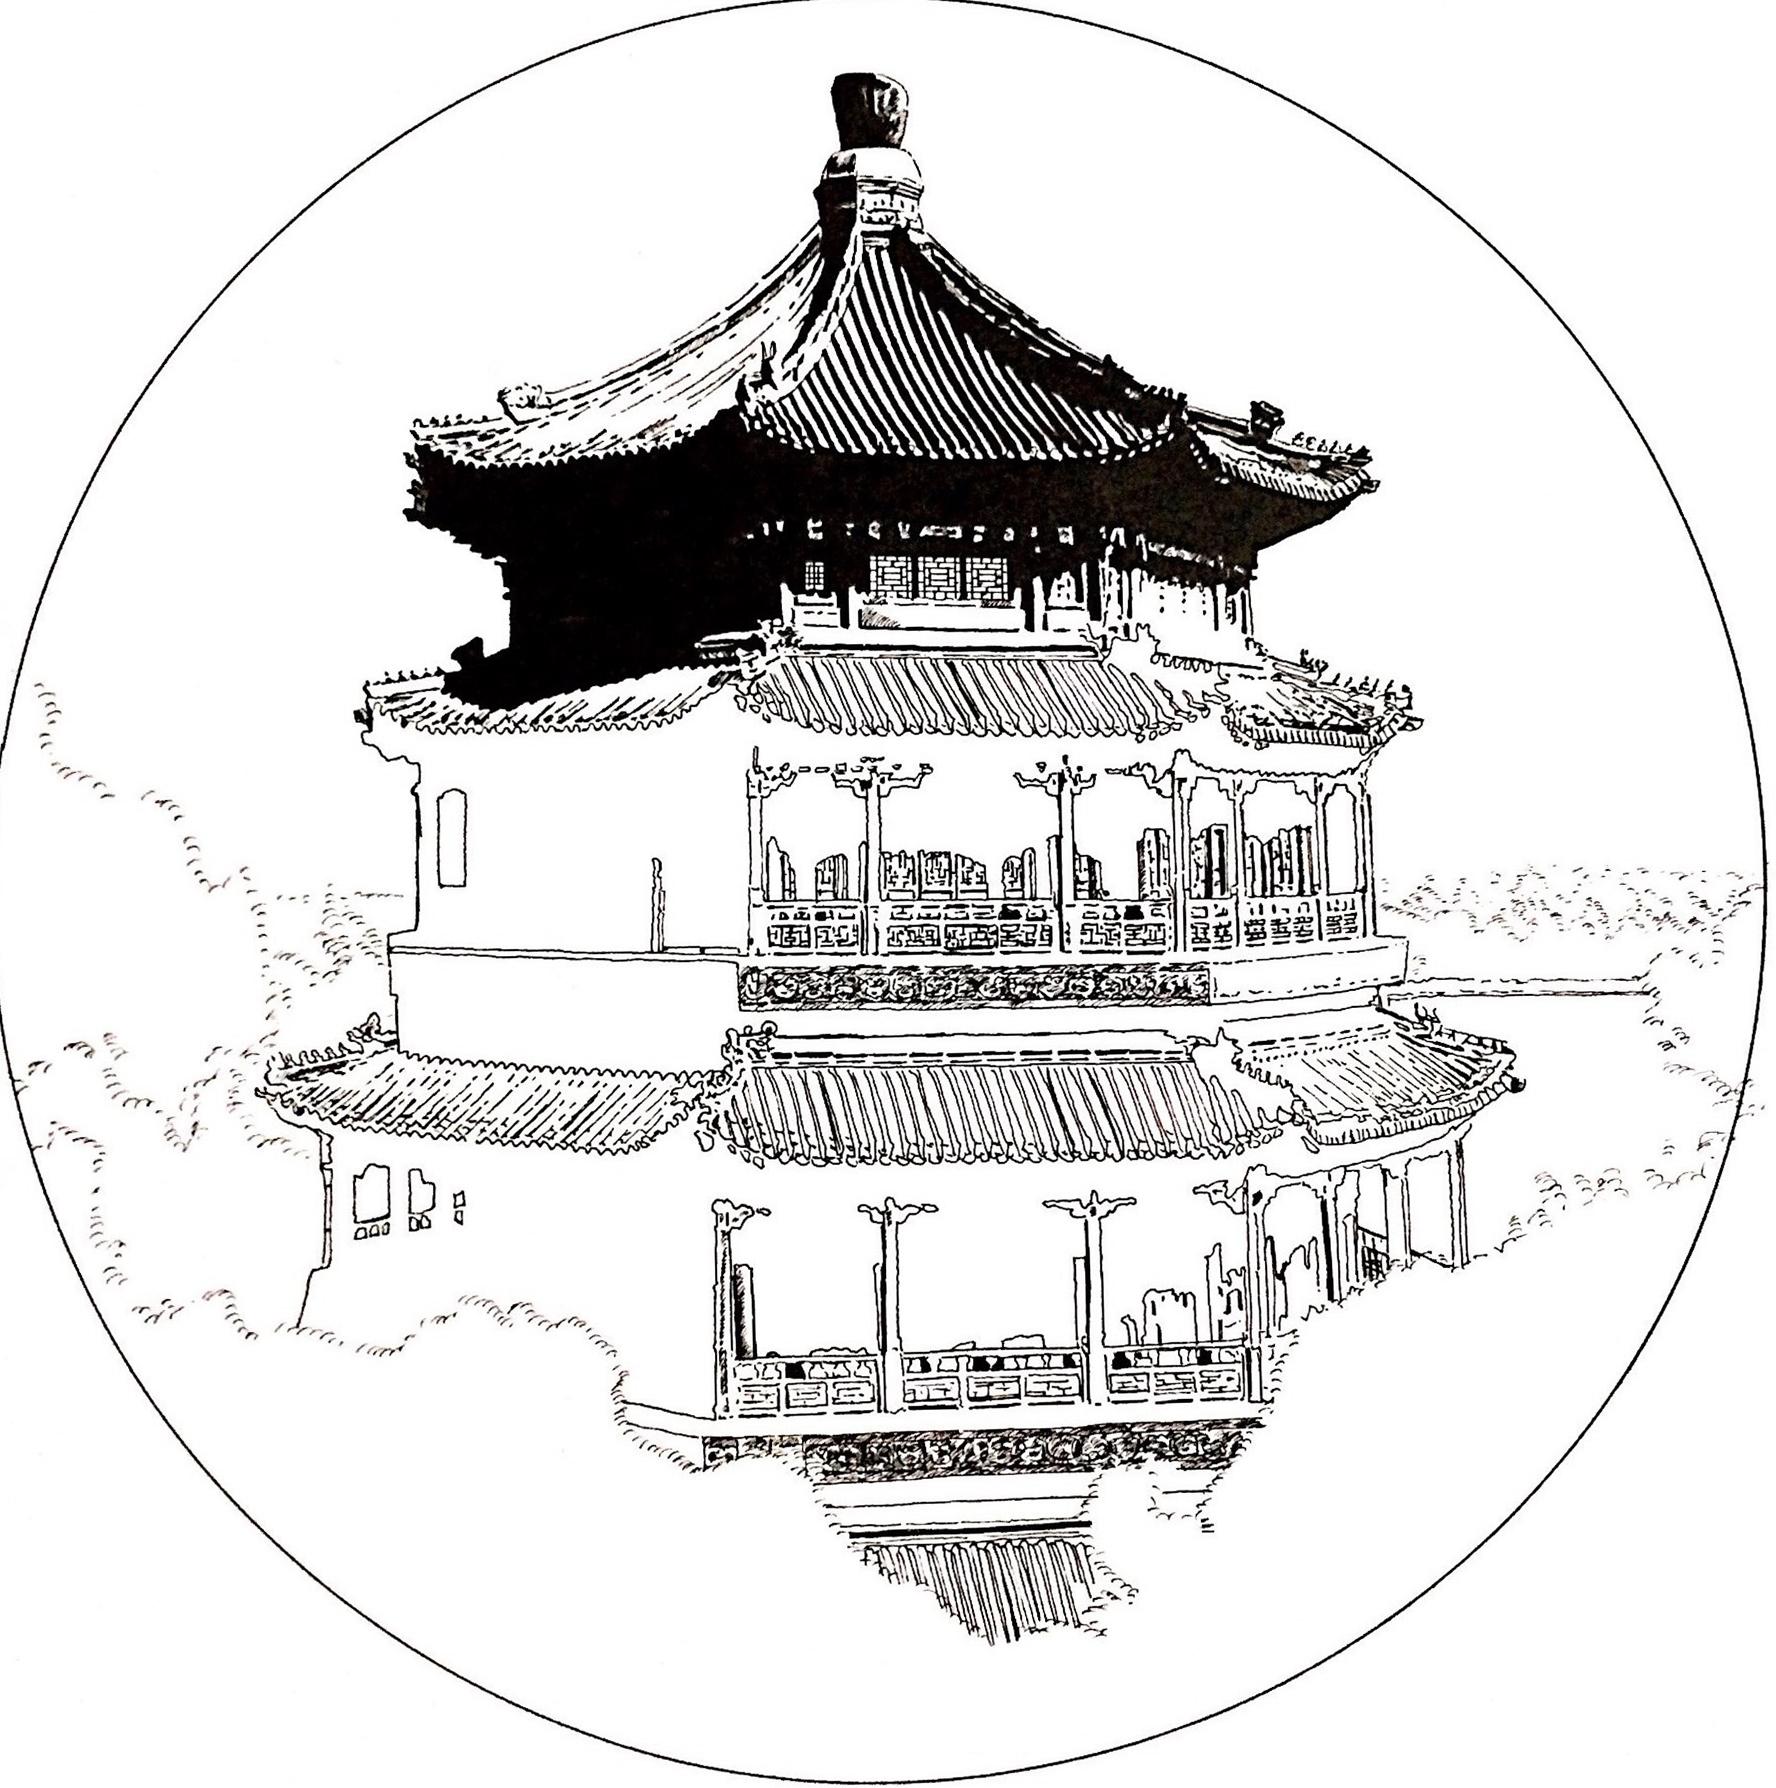 古建筑的黑白艺术|纯艺术|钢笔画|梦绘虫 - 原创作品